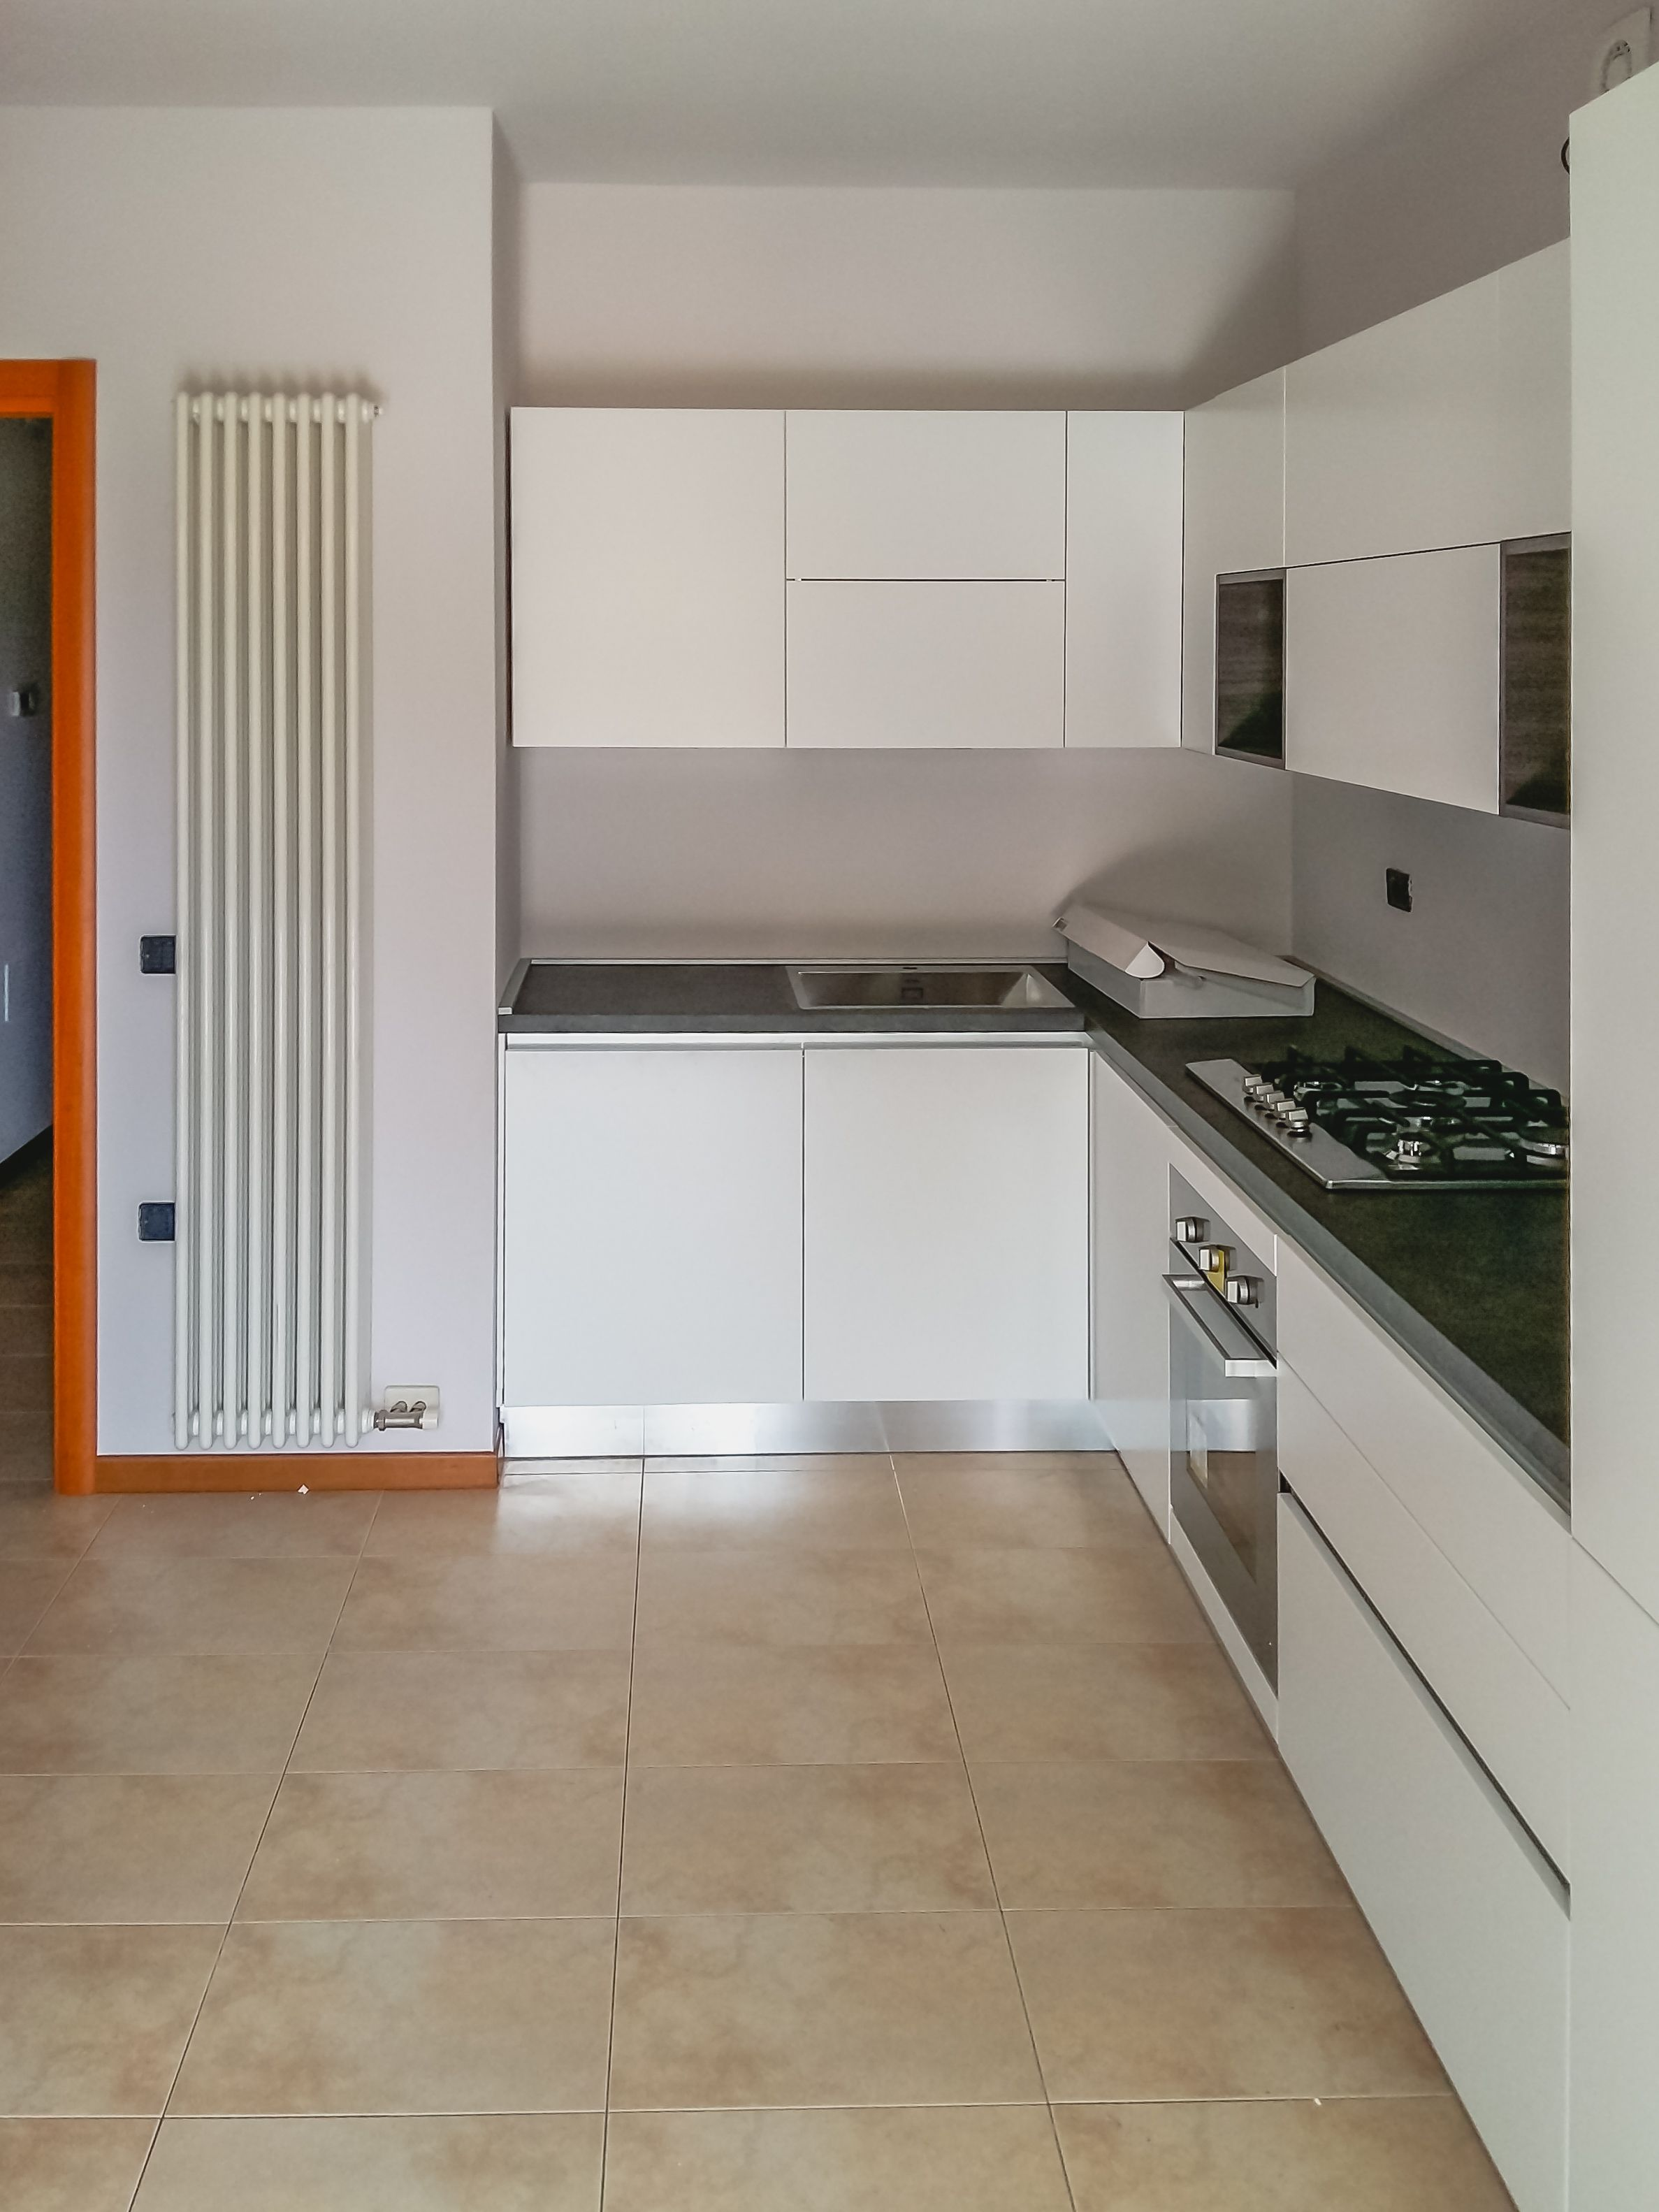 Cucina artec lungomare laccato bianco opaco maniglia gola top laminato tinta cesar - Top cucina stone ...